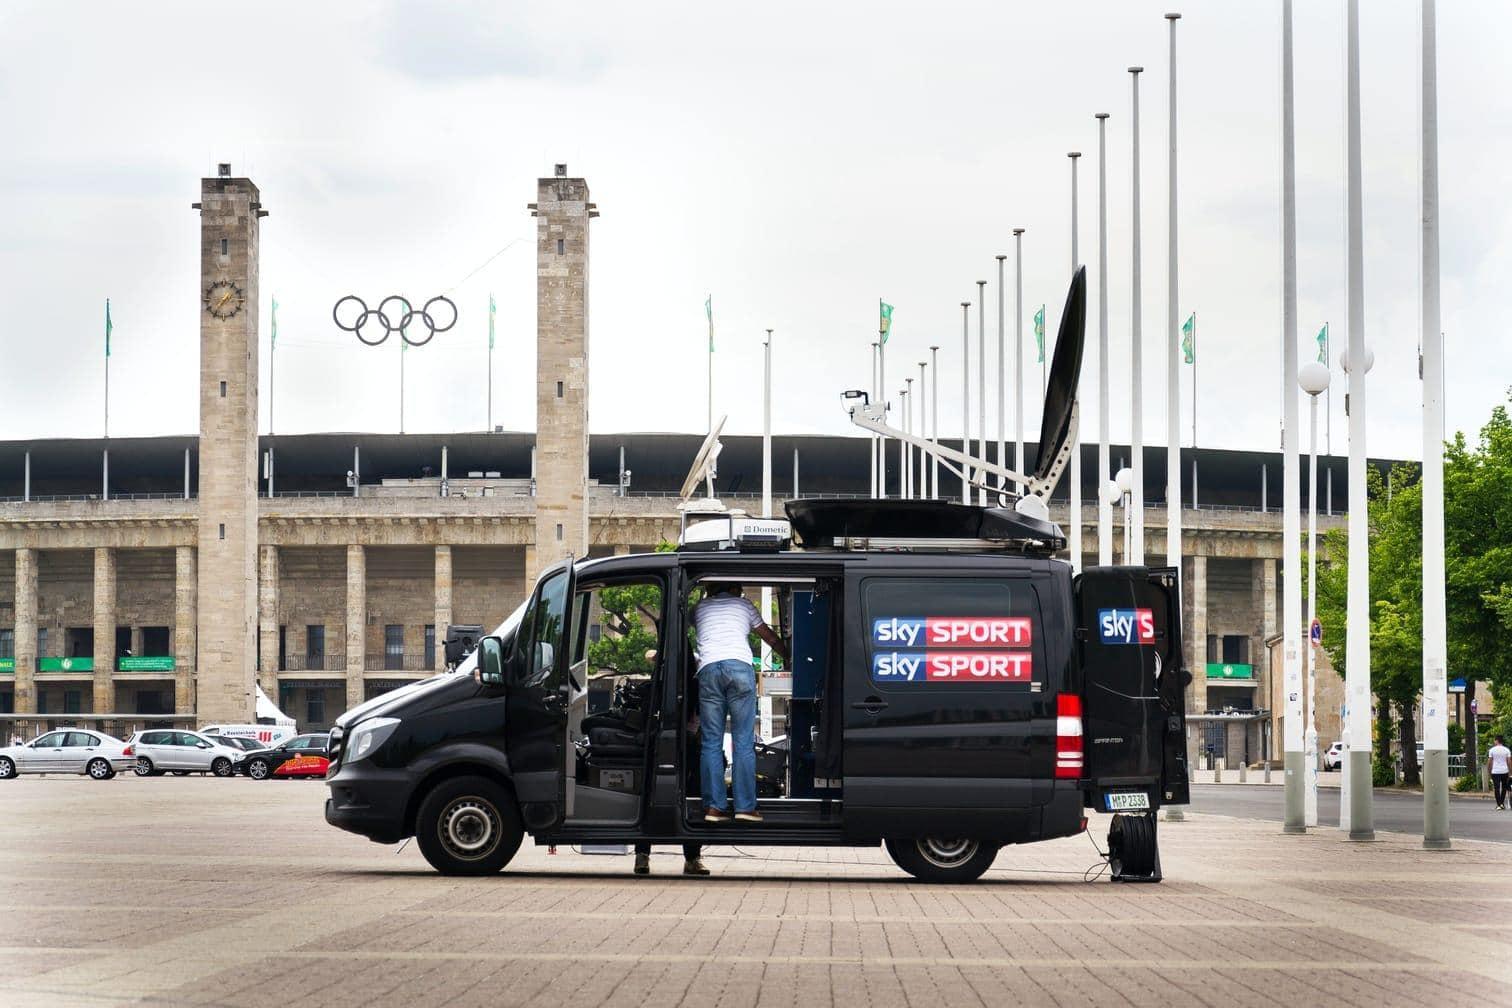 auch über Streaming-Dienste und Radio kann man die Spiele verfolgen. Alles zu den Bundesliga-Übertragungen kompakt:</p> Foto: Shutterstock/Alexandr Medvedkov